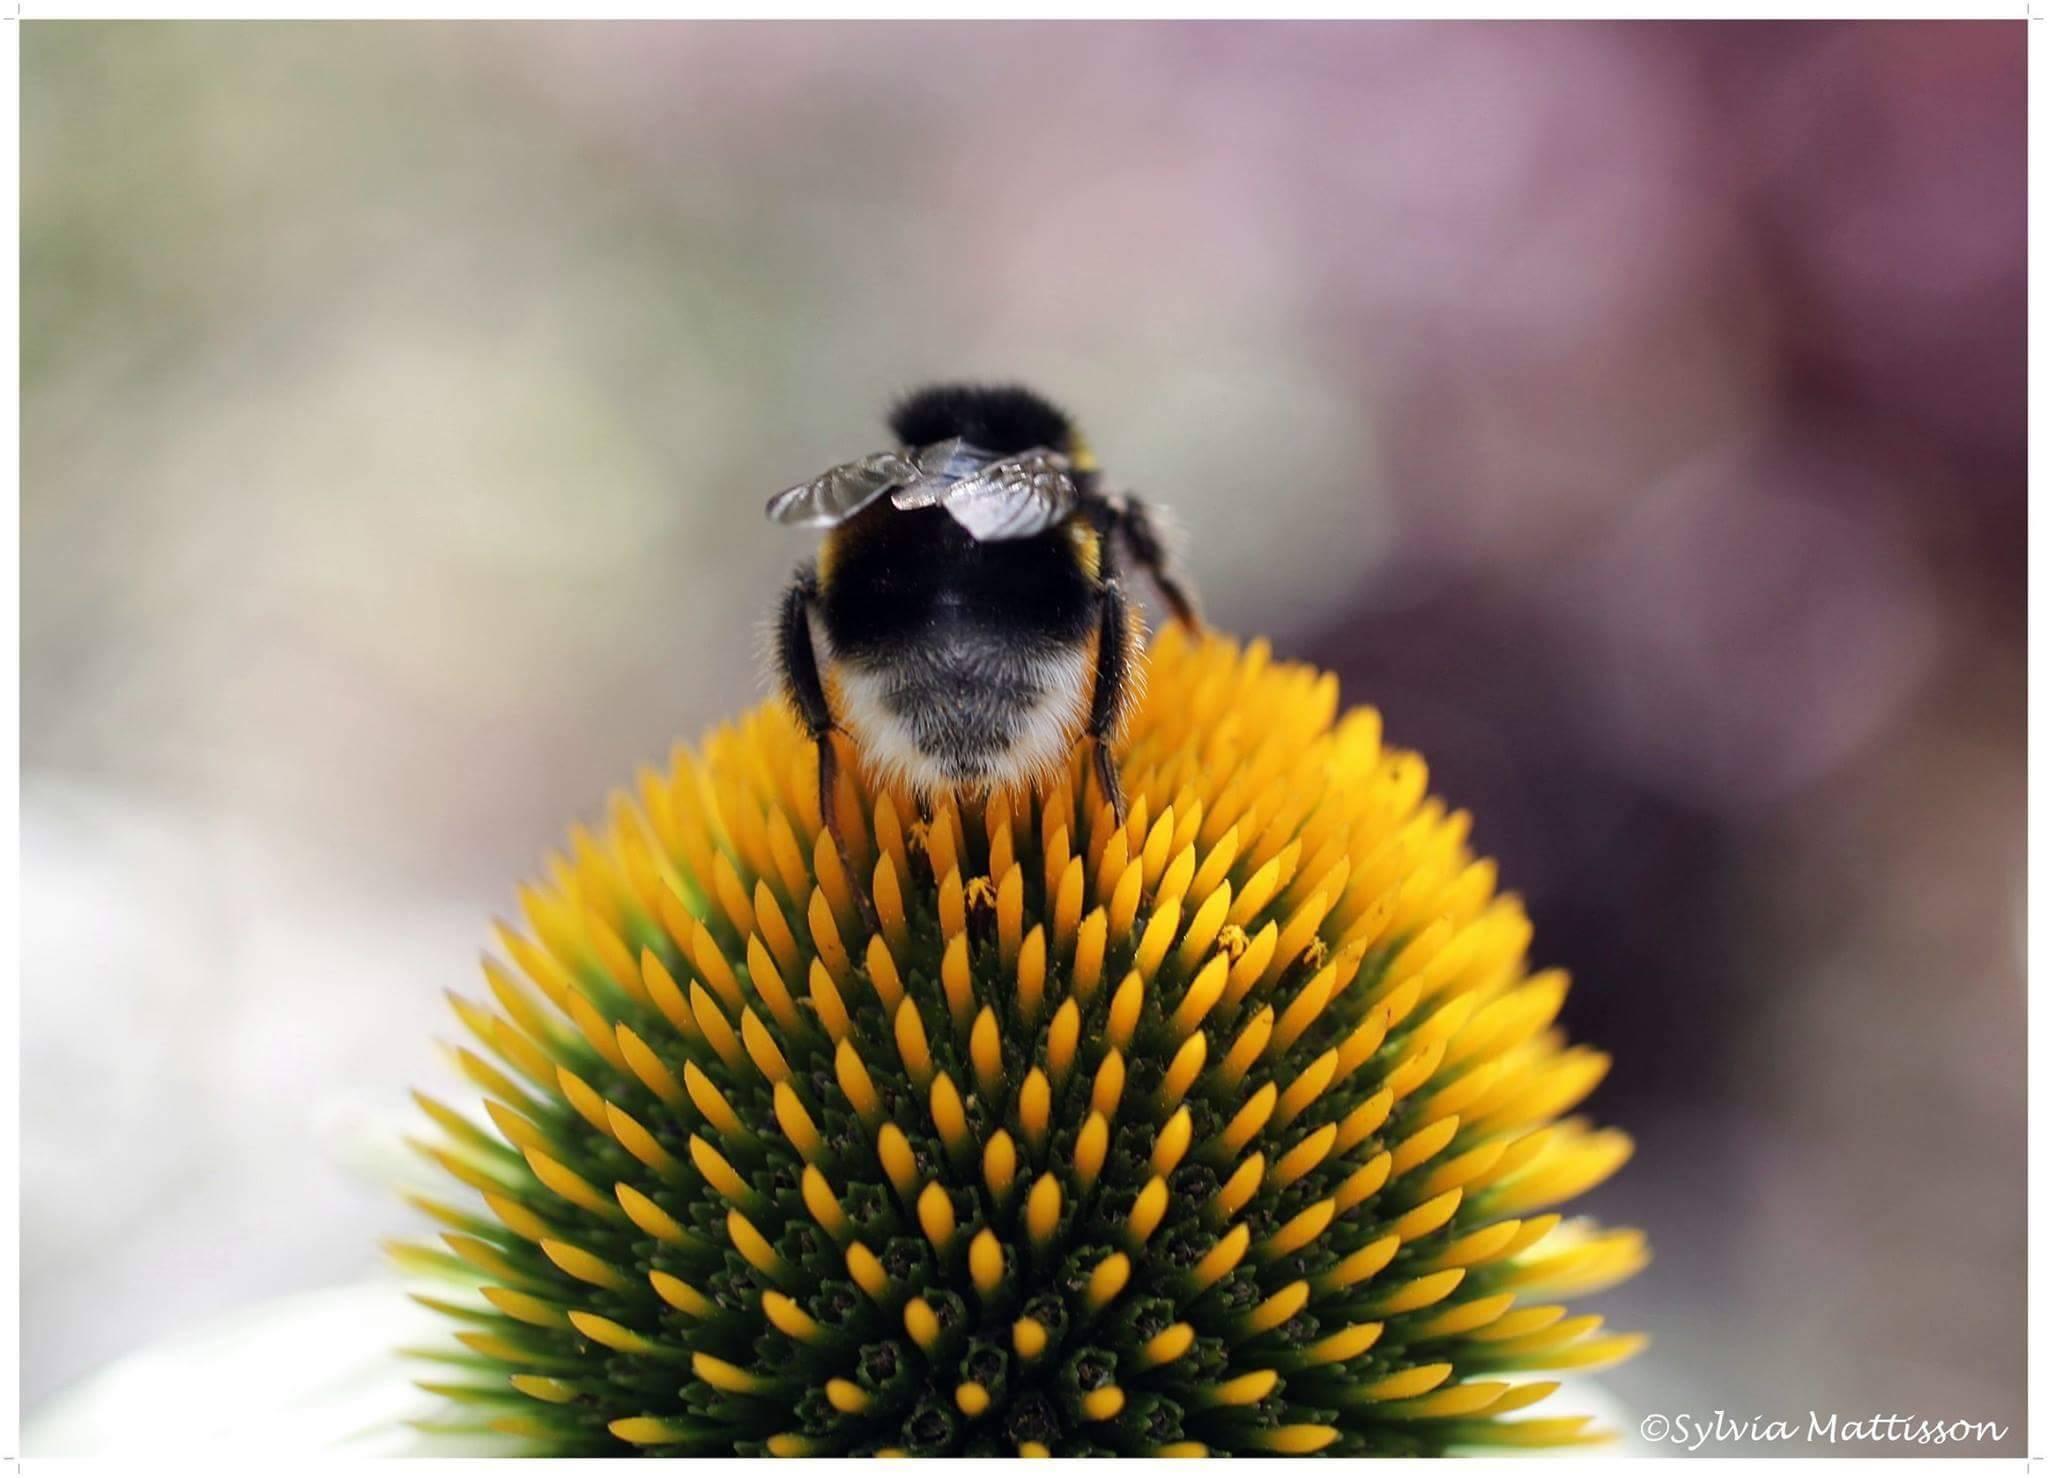 Bumblebee by Sylvia Mattisson